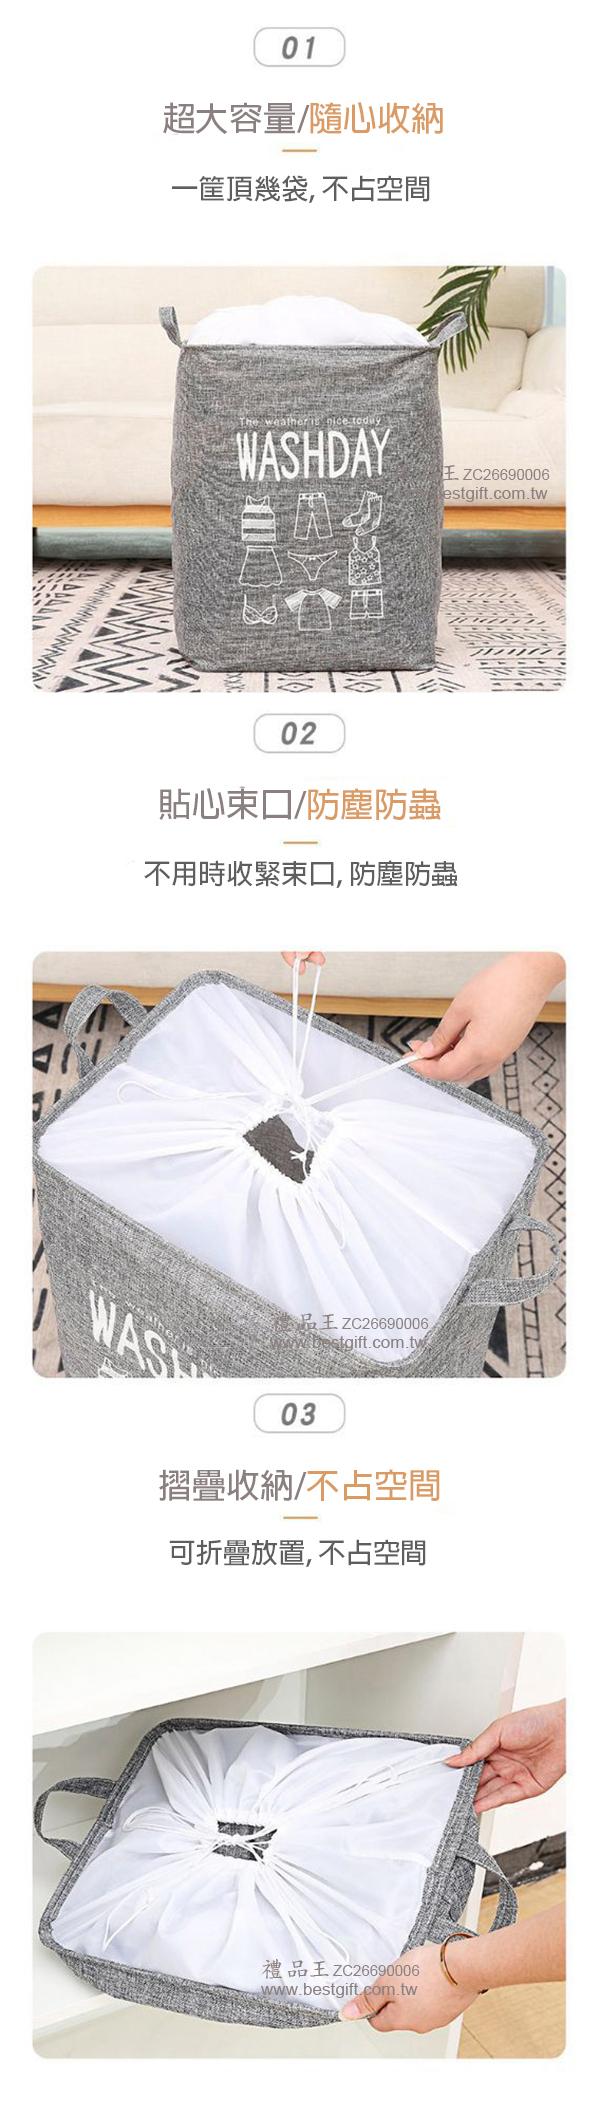 ZC26690006 大容量束口衣物收納筐收納籃收納袋